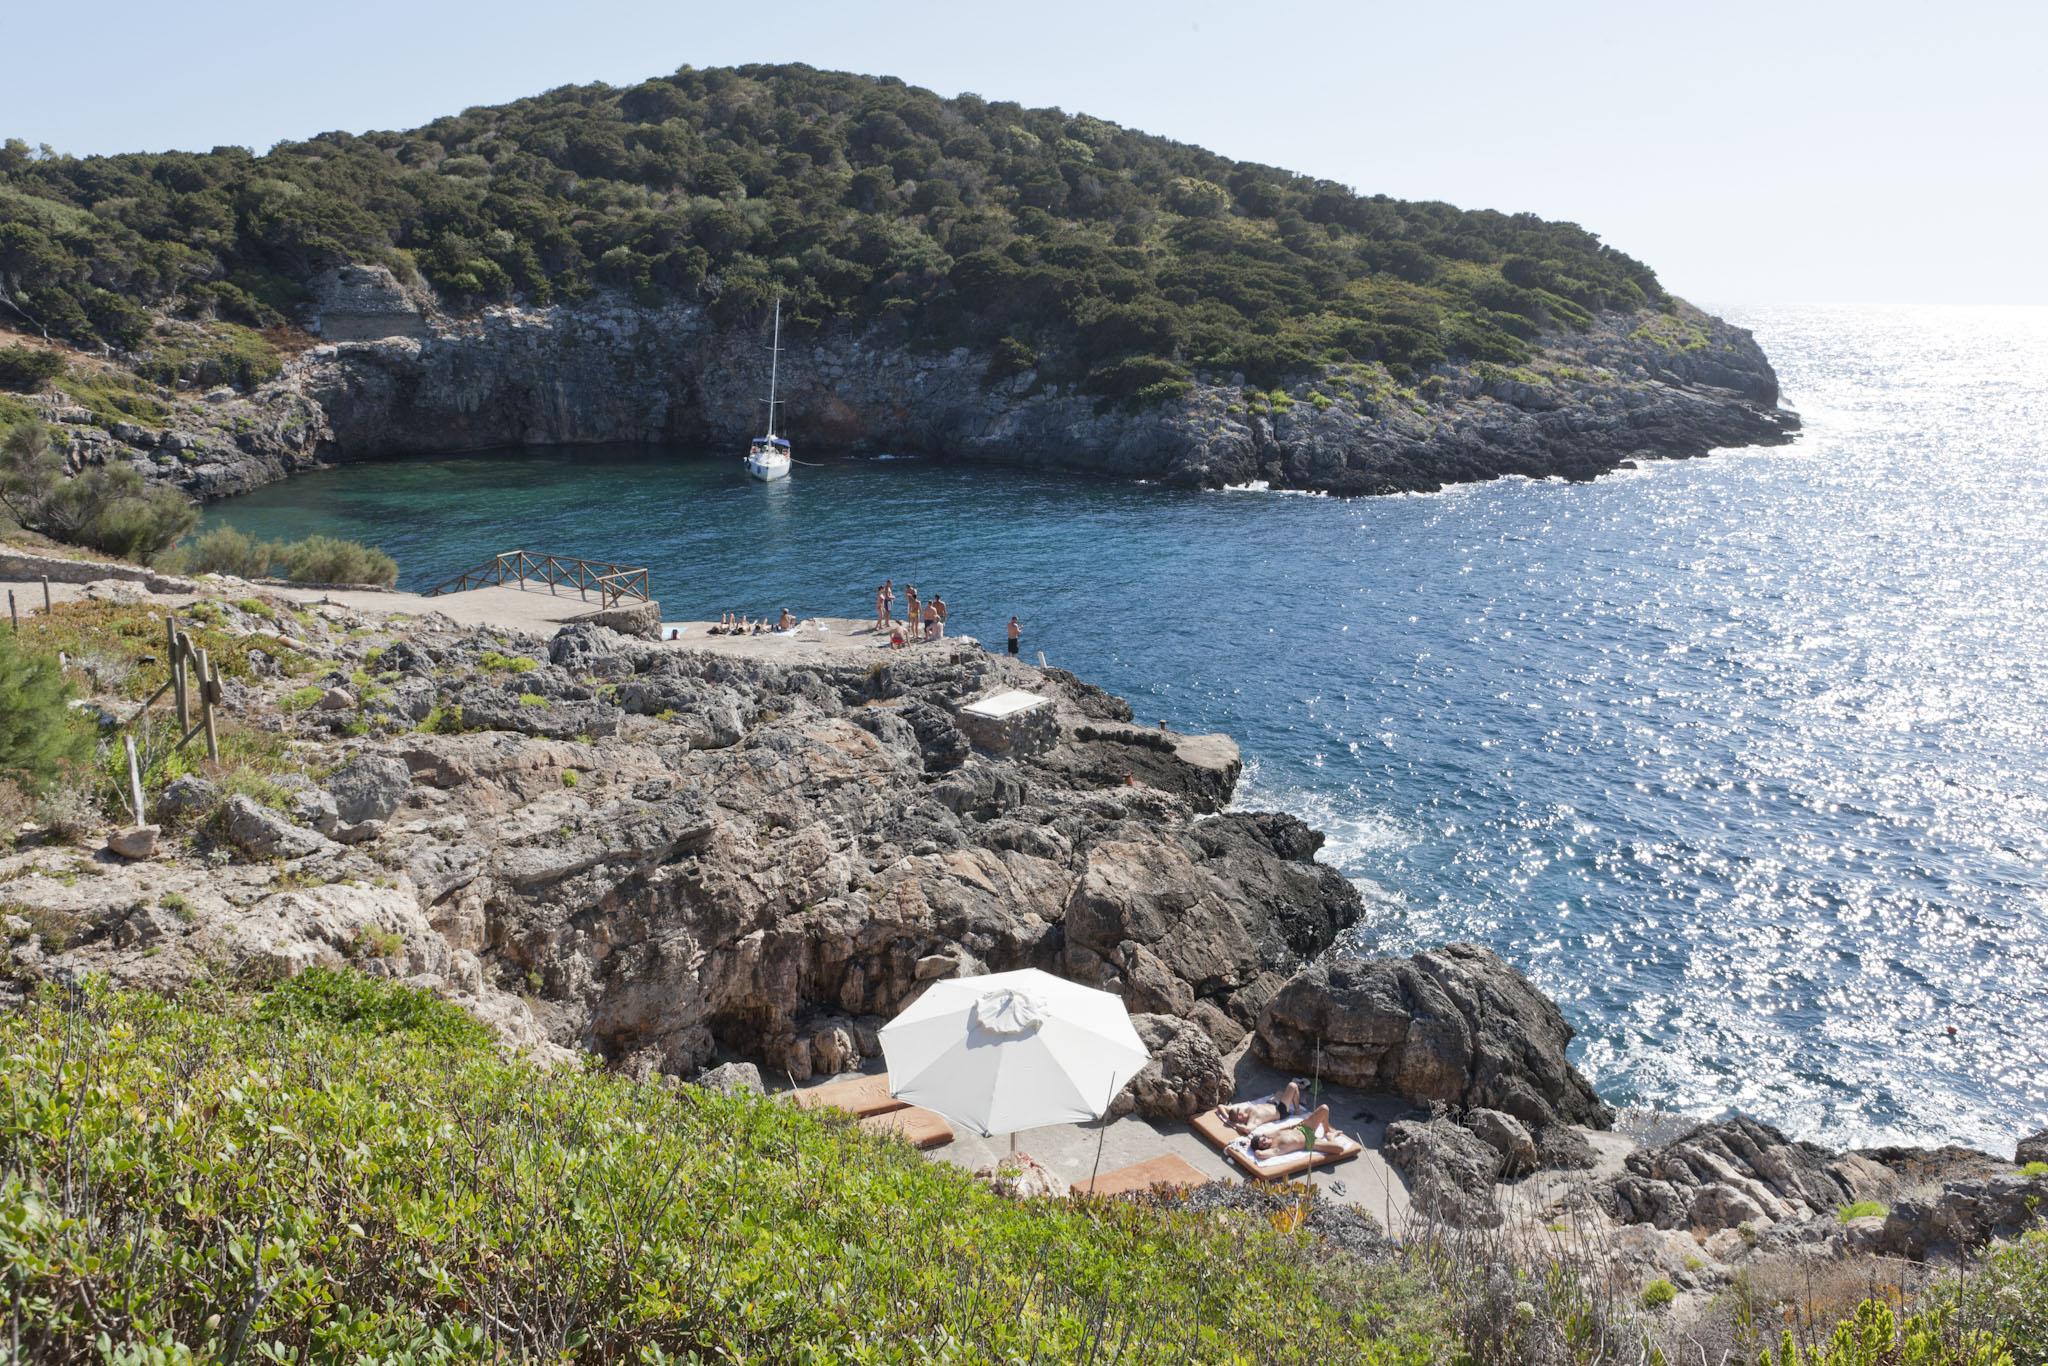 Noleggio Barche Isola di Giannutri - Navalia | Noleggia un Sogno